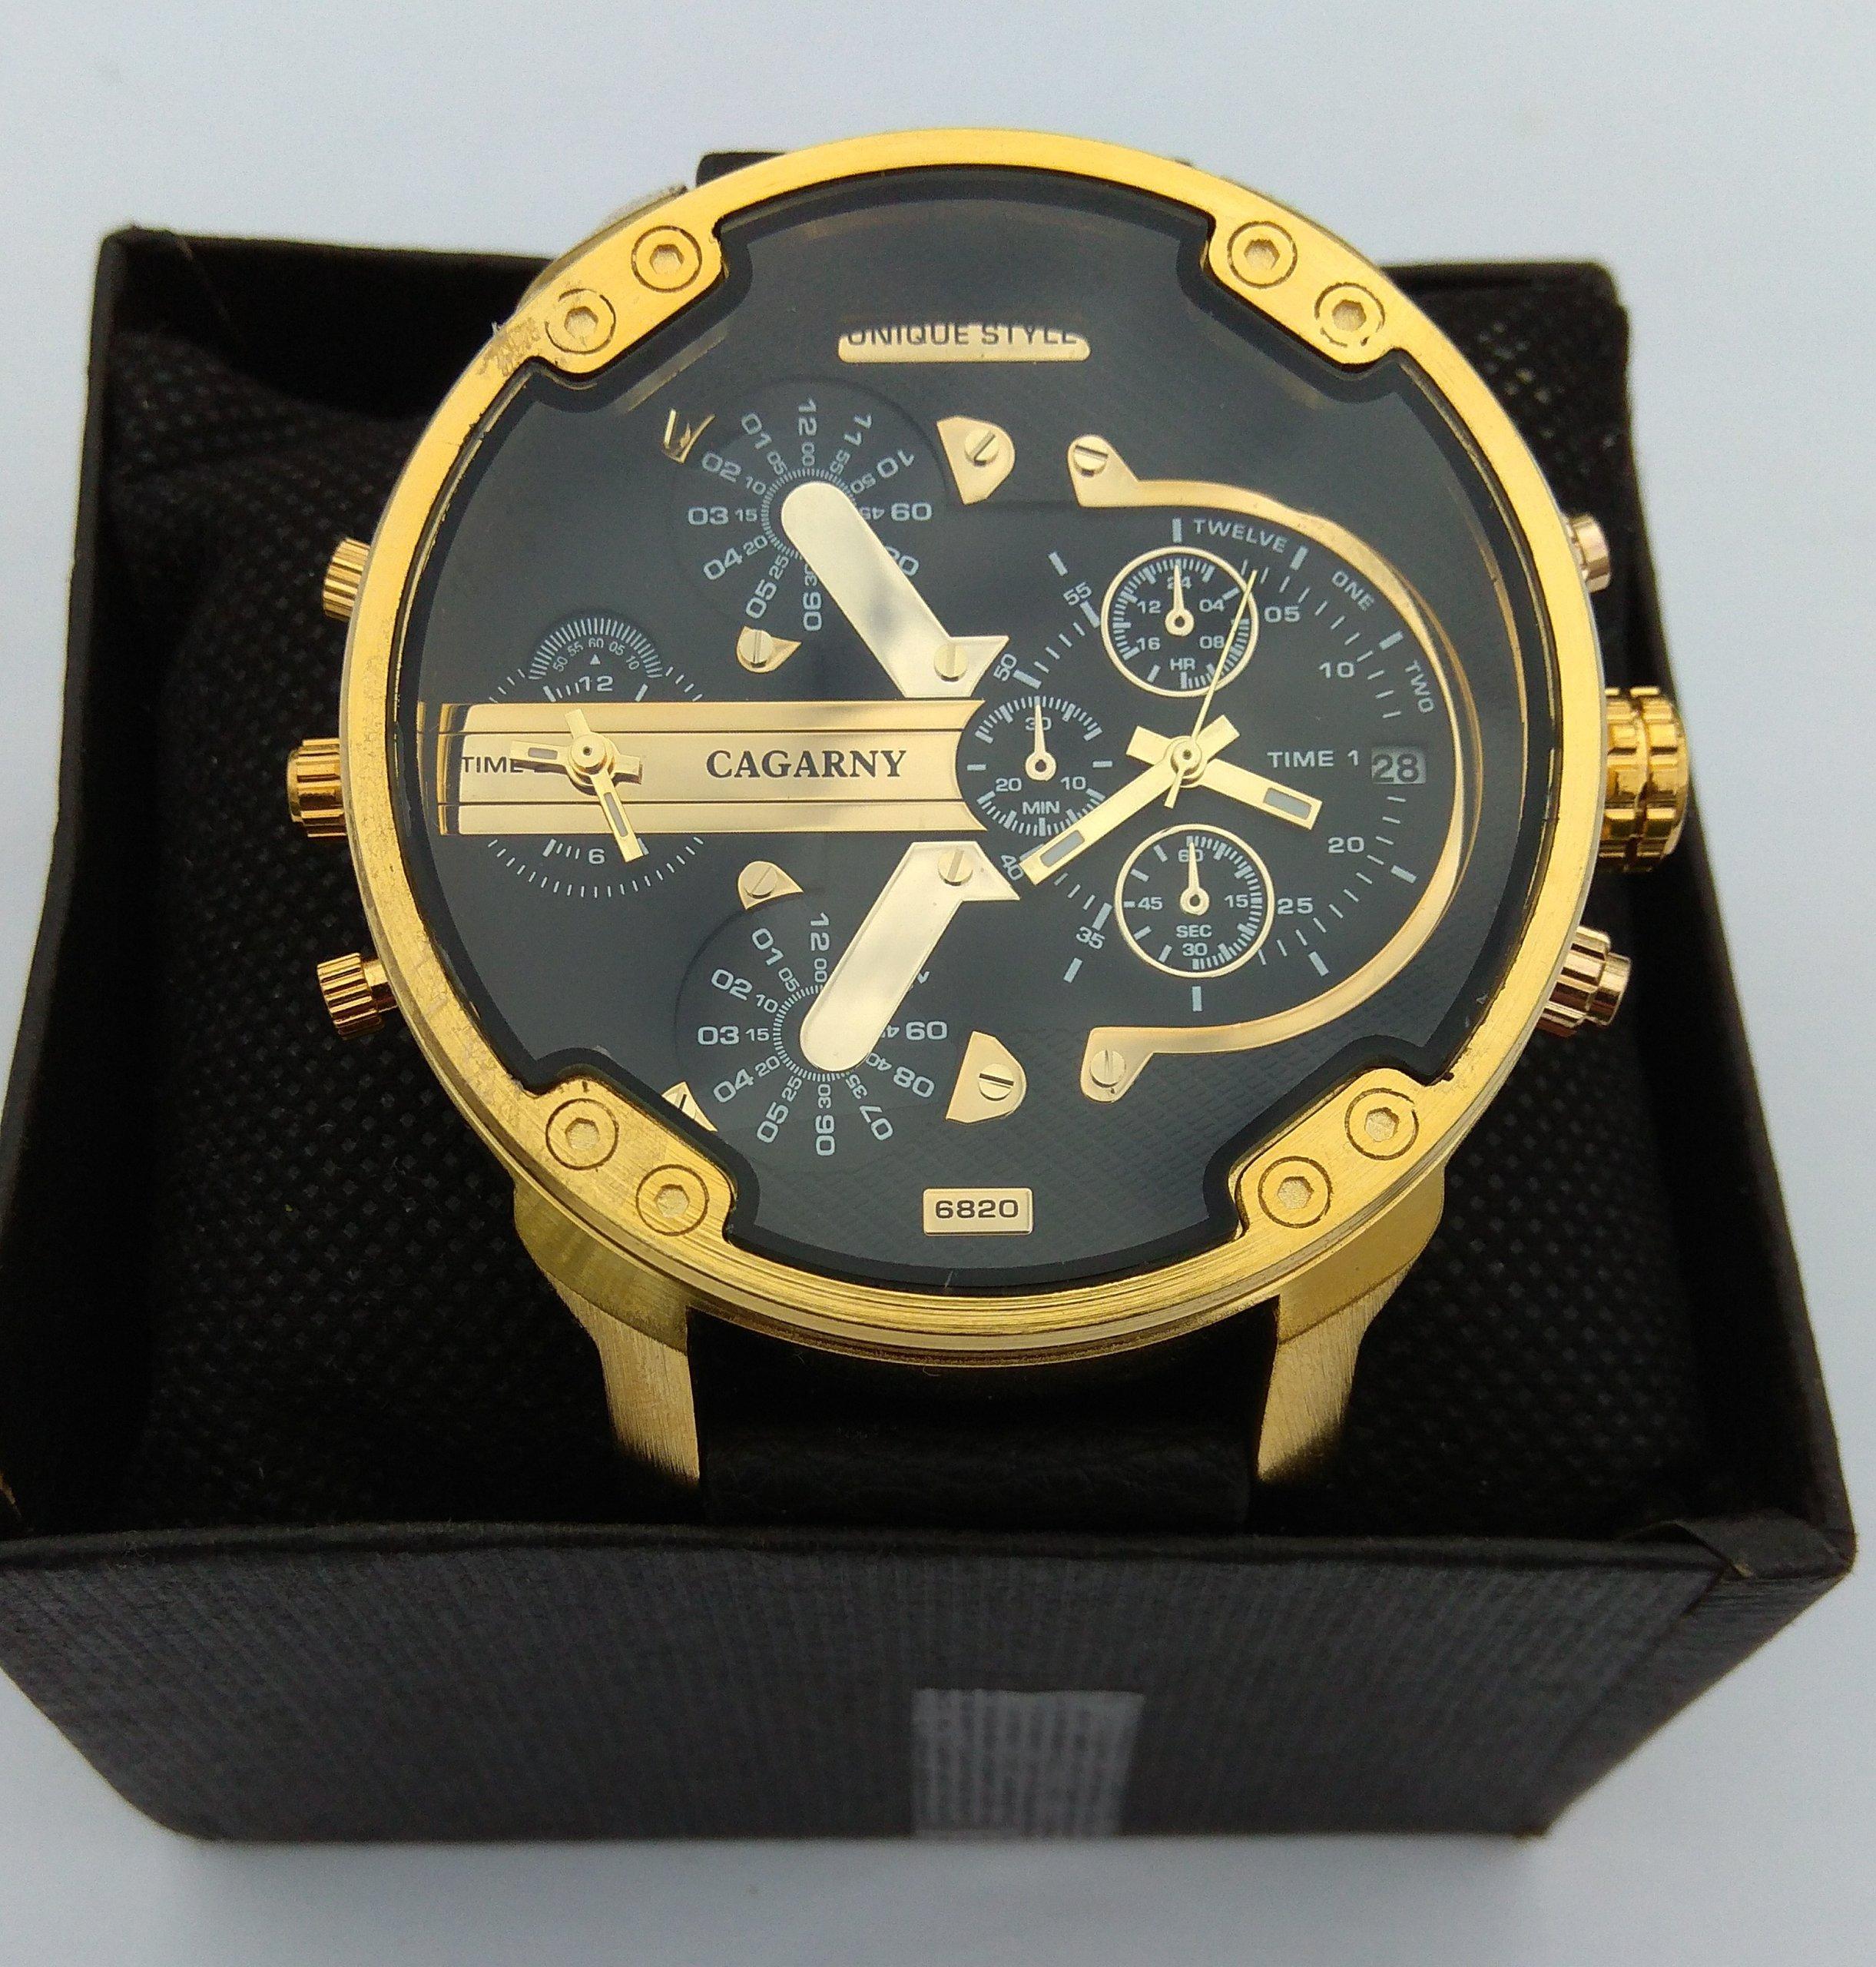 Chłodny Zegarek męski, DUŻY 5,2cm złoty Cagarny - 7305140870 - oficjalne AA67